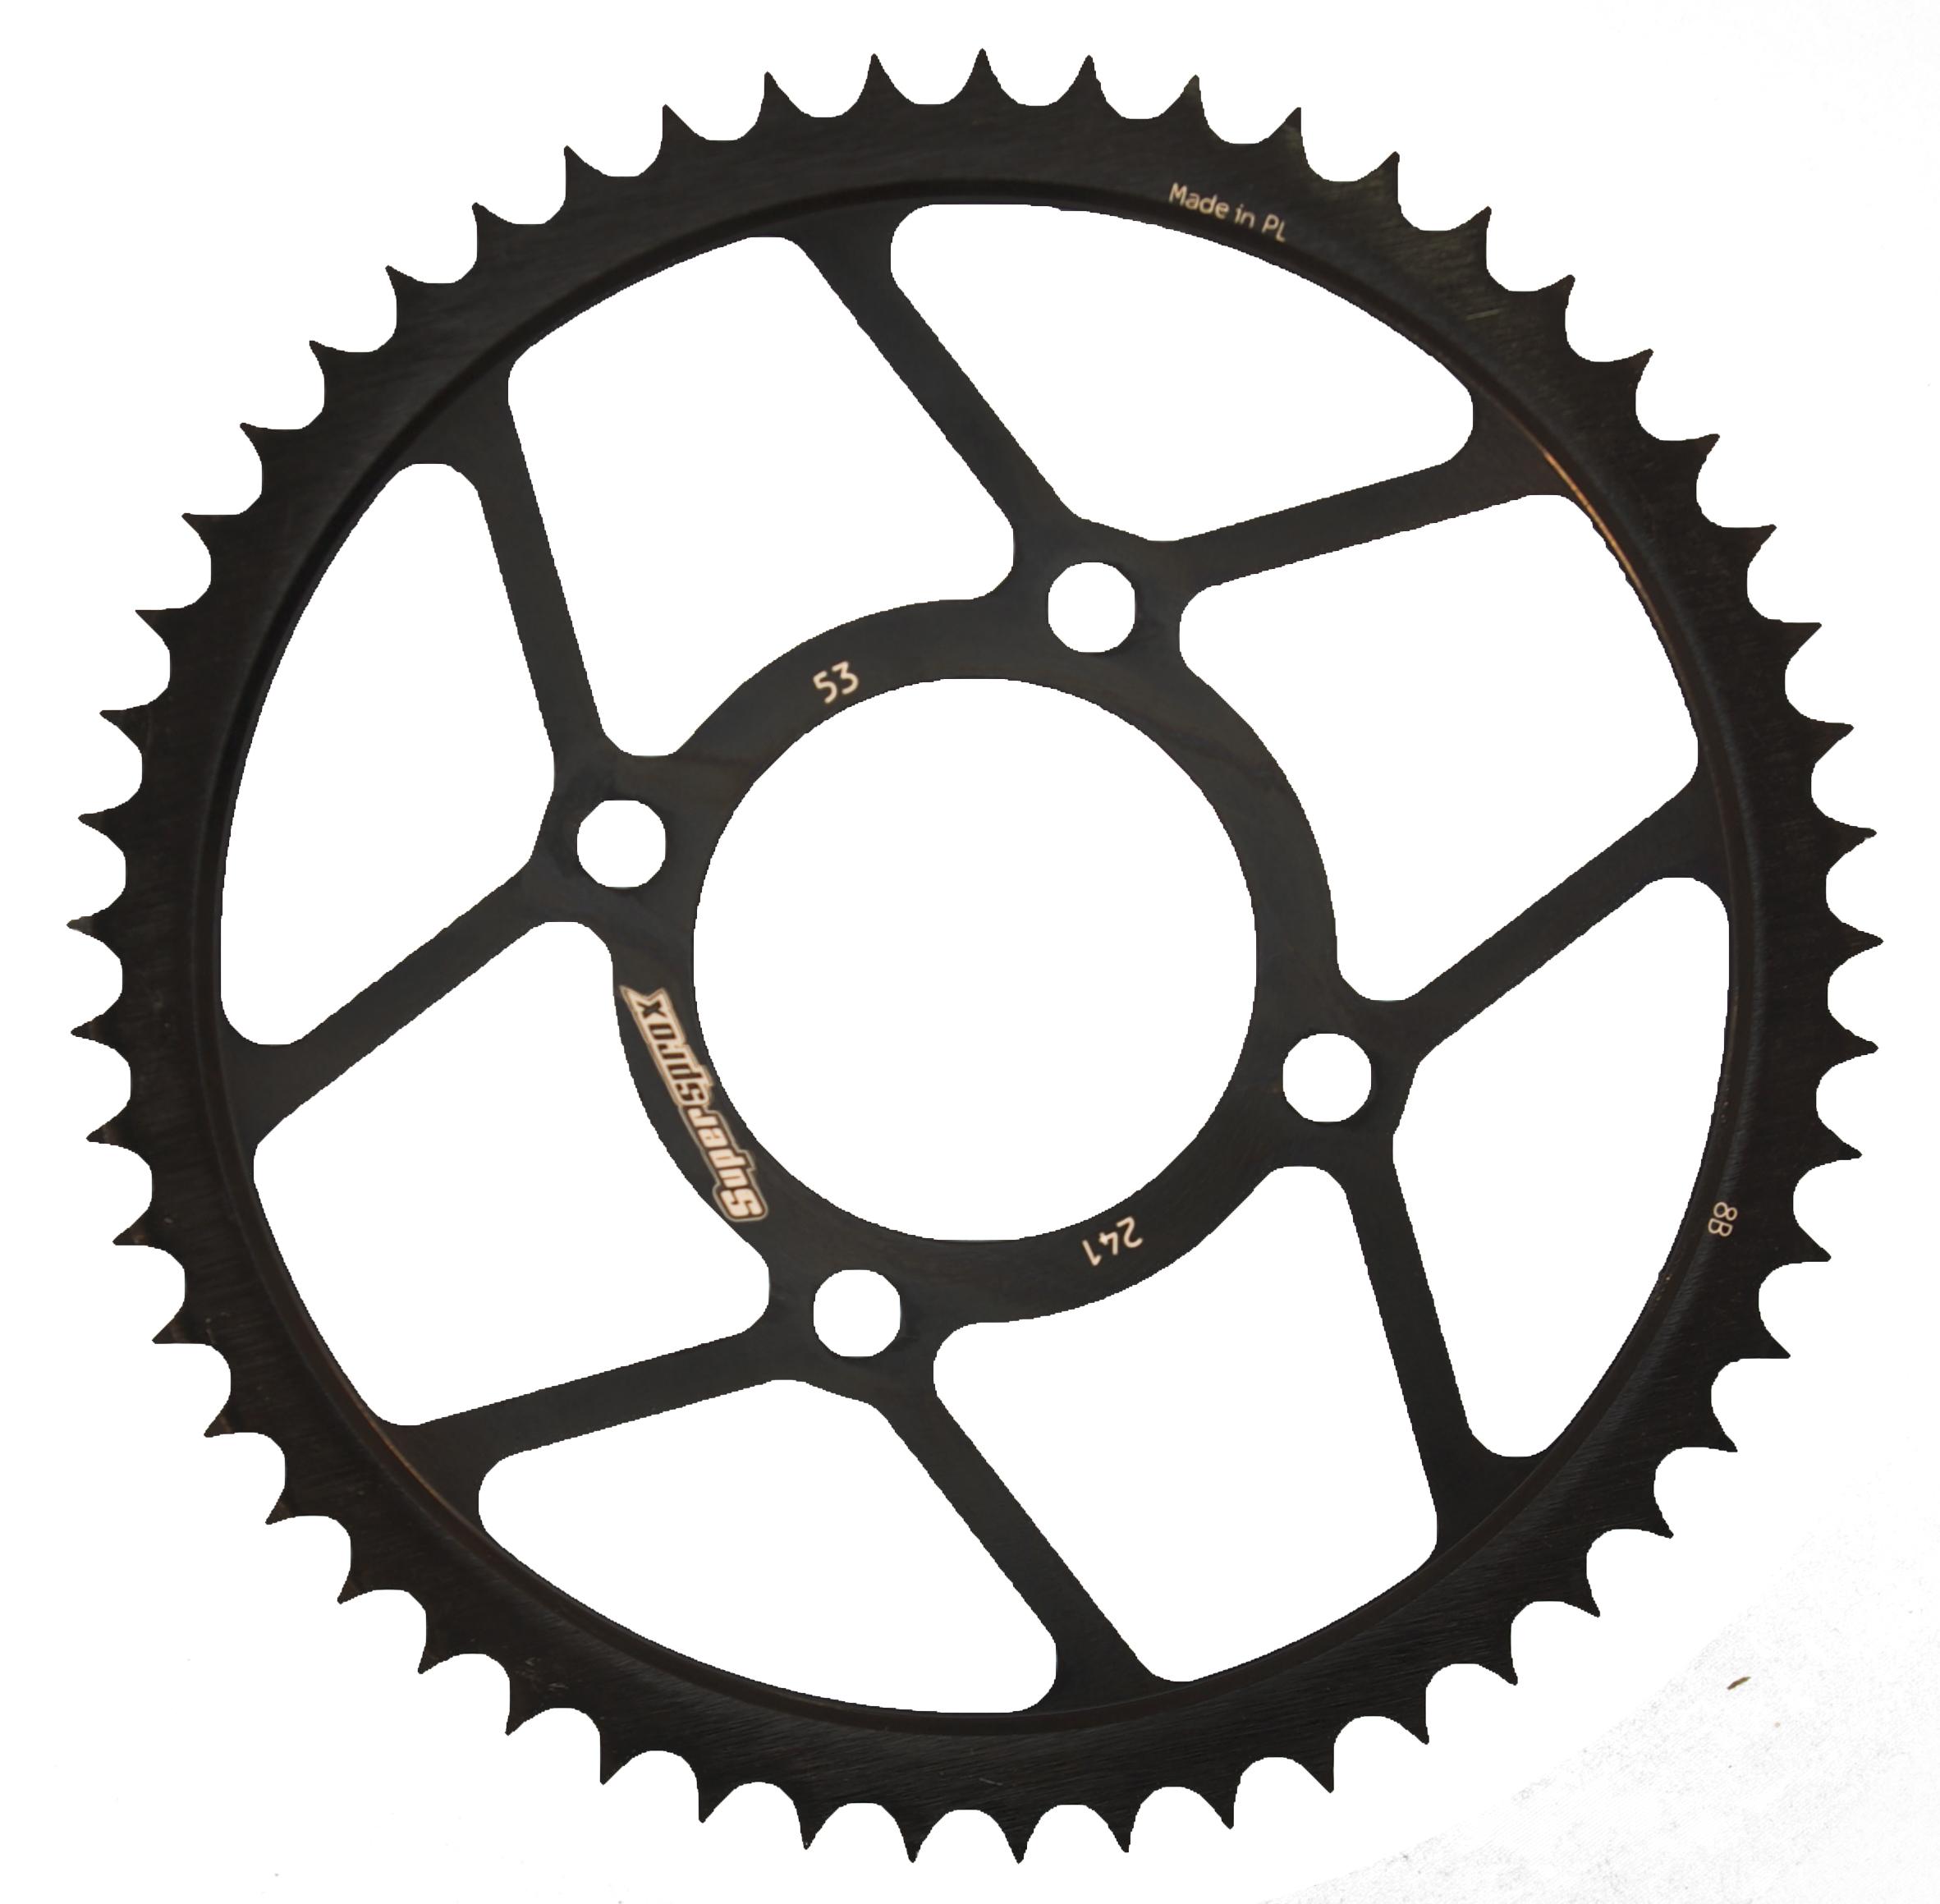 Stahl-Kettenrad Supersprox 428 - 53Z (schwarz)